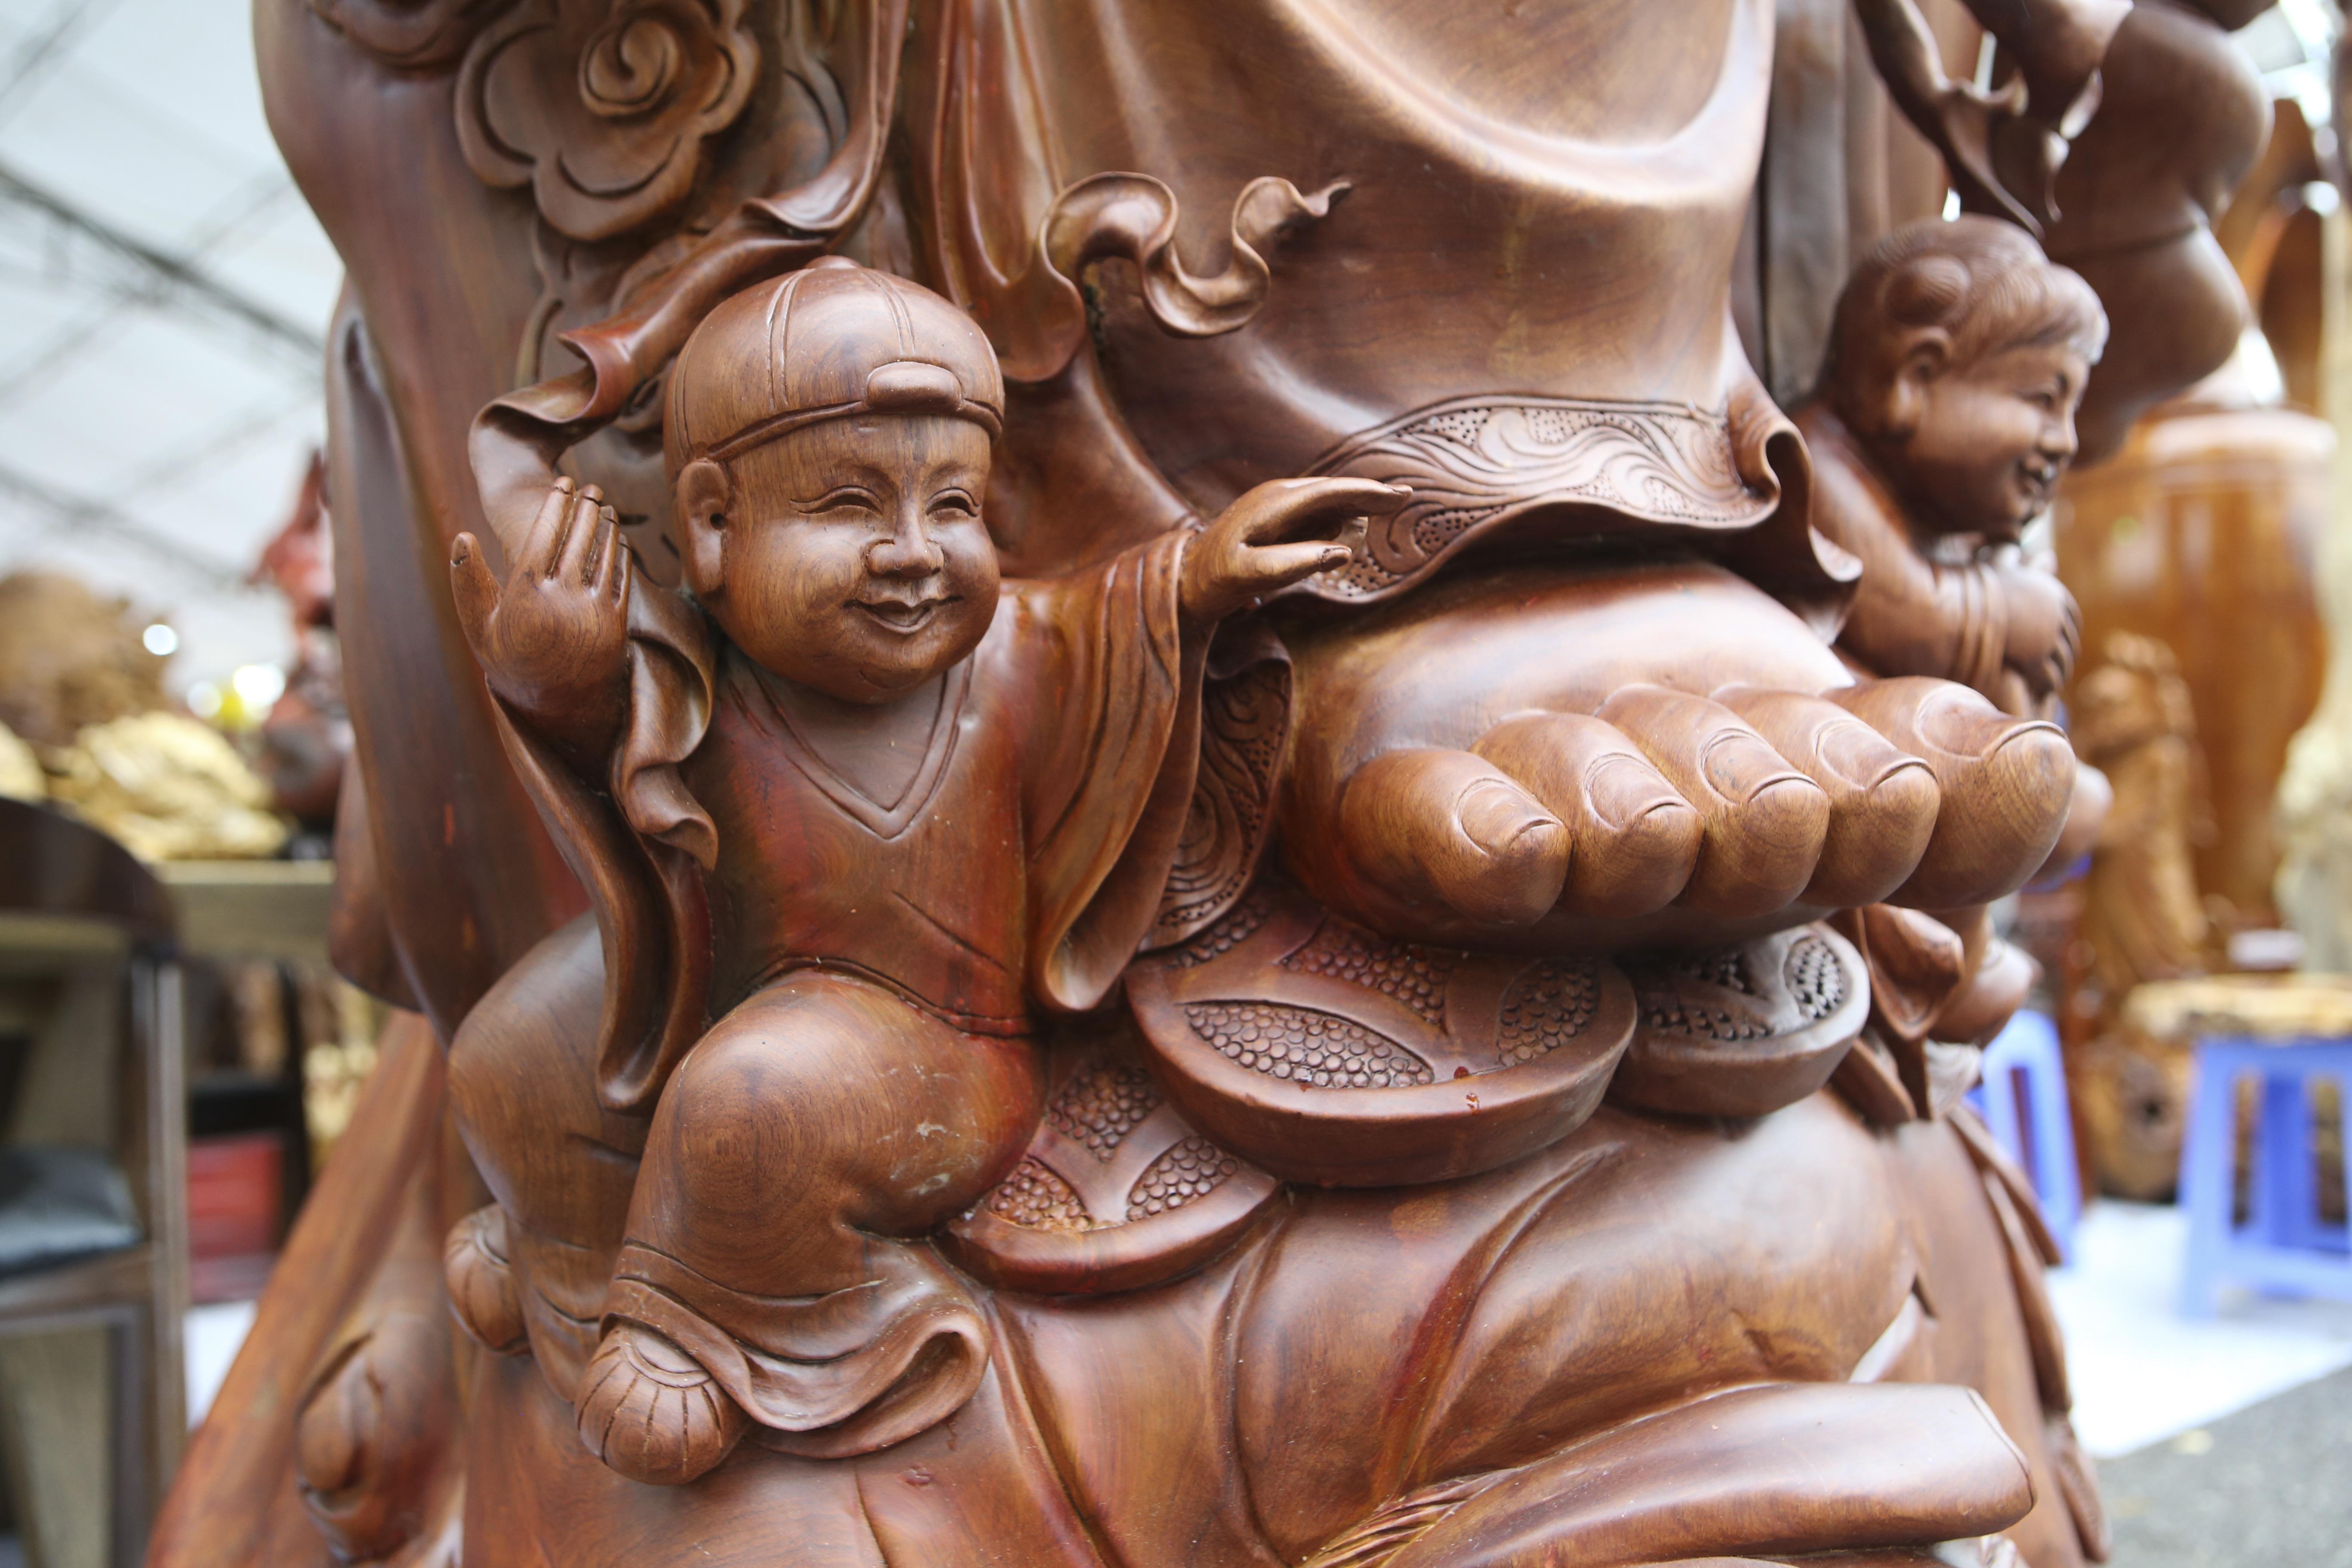 Choáng với bức tượng Phật Di Lặc Cửu tặc làm bằng gỗ hương giá 1 tỷ đồng - 4